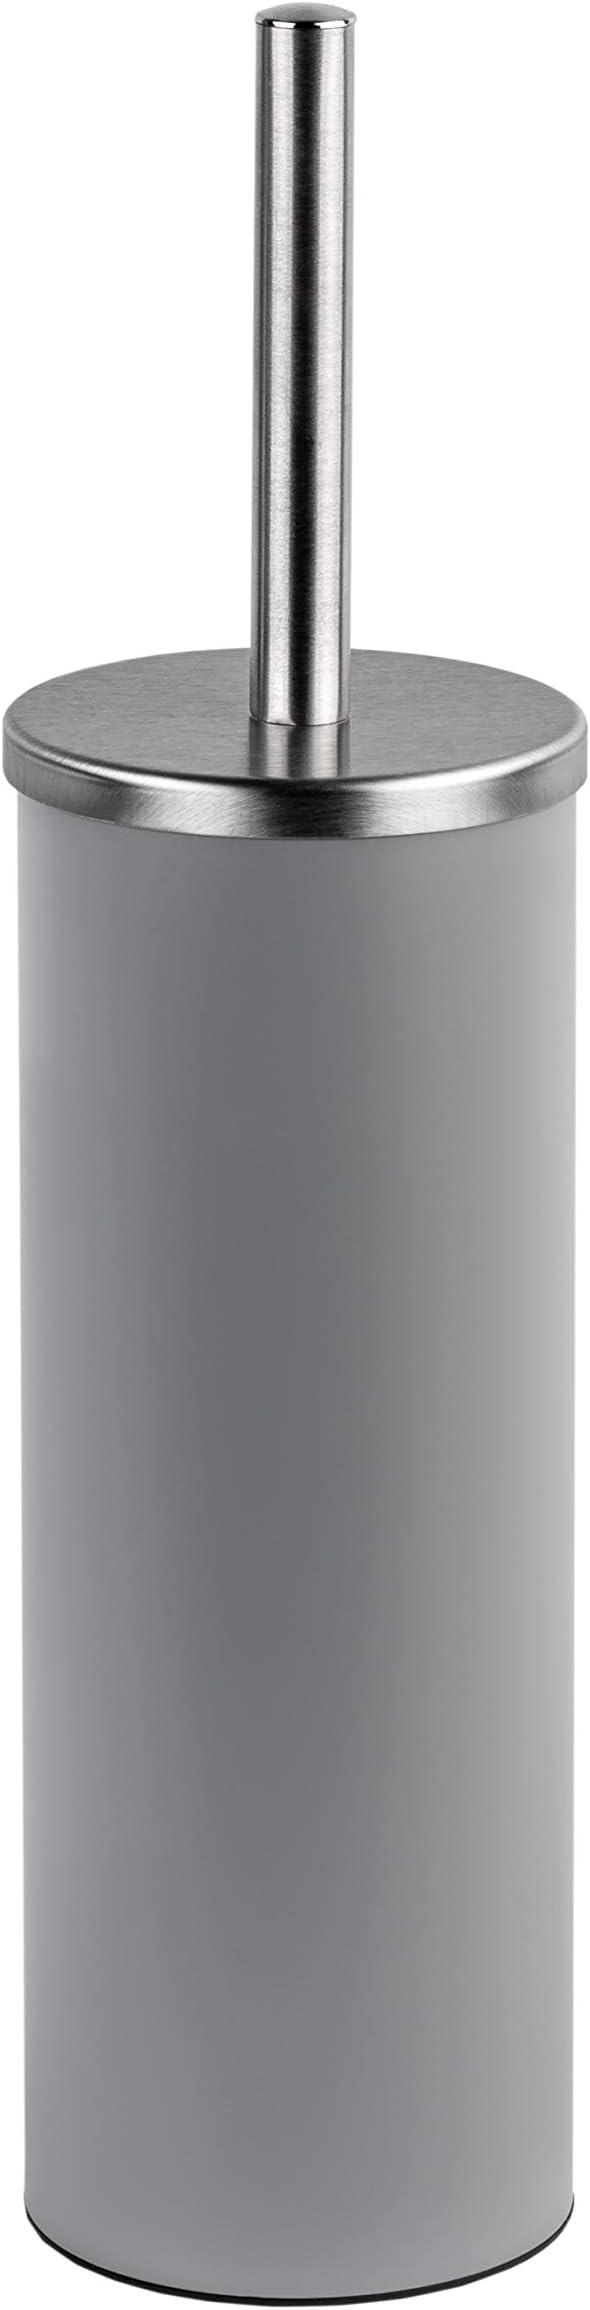 Testina dello scopino in Gomma Coperchio In Acciaio Inox Bianco Scopino per WC